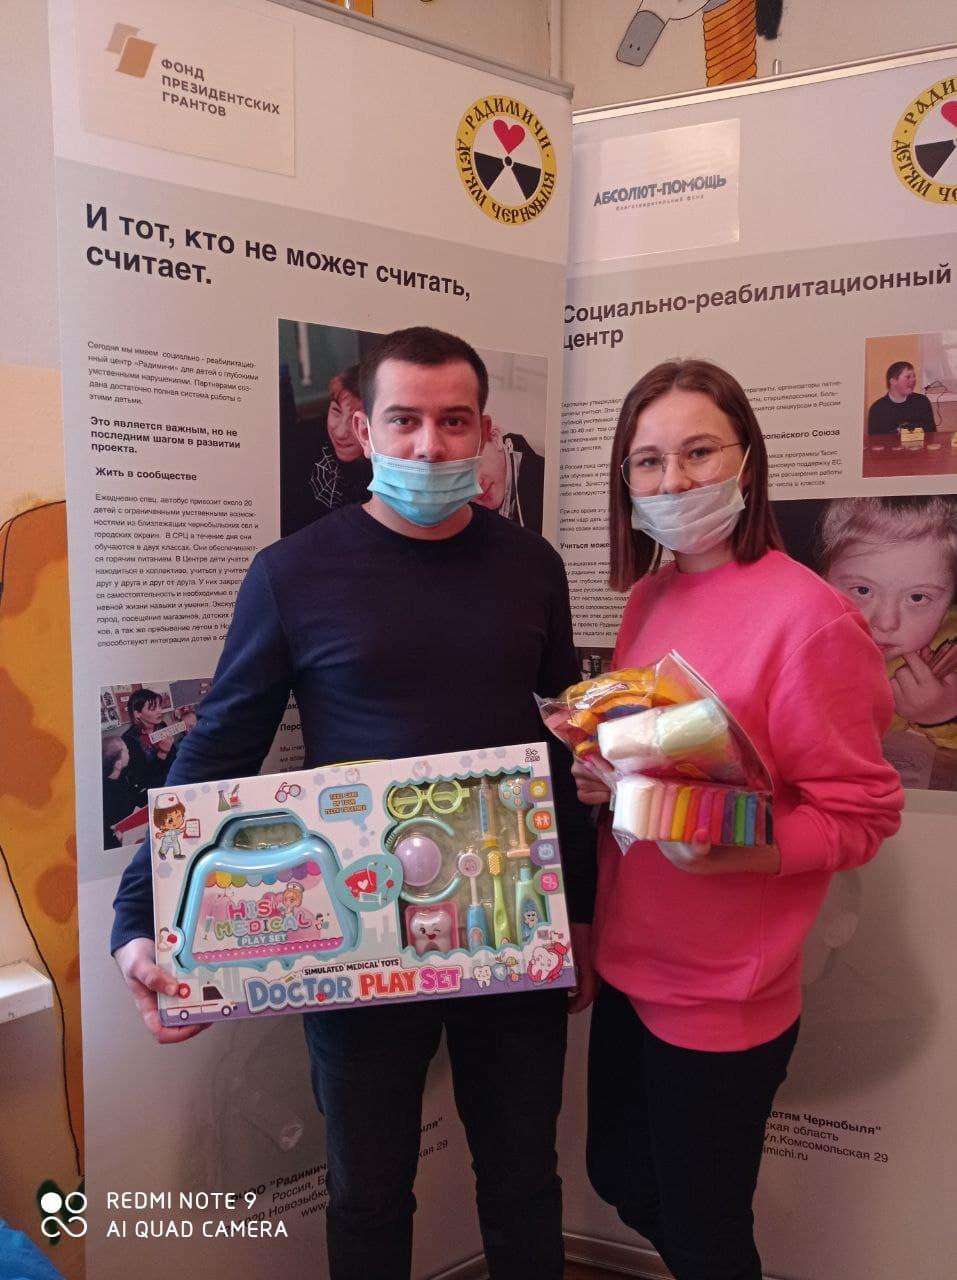 Бабаев Сергей и Усова Дарья подарили детям с ограниченными возможностями развивающие игры, игрушки и материал для творчества.